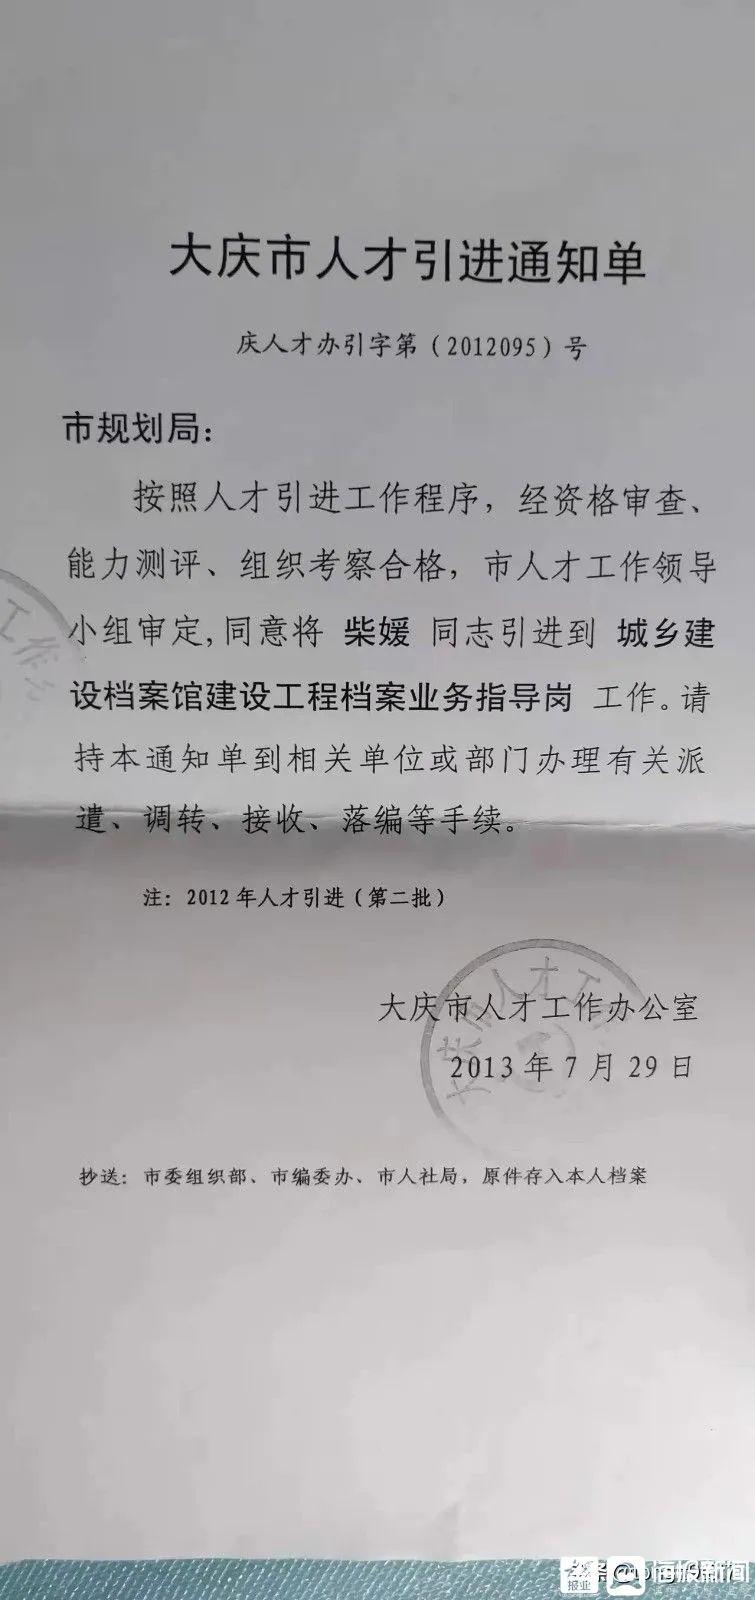 2013年7月,柴媛硕士毕业后,以人才引进的方式进入大庆市城乡规划局(今大庆市自然资源局)工作